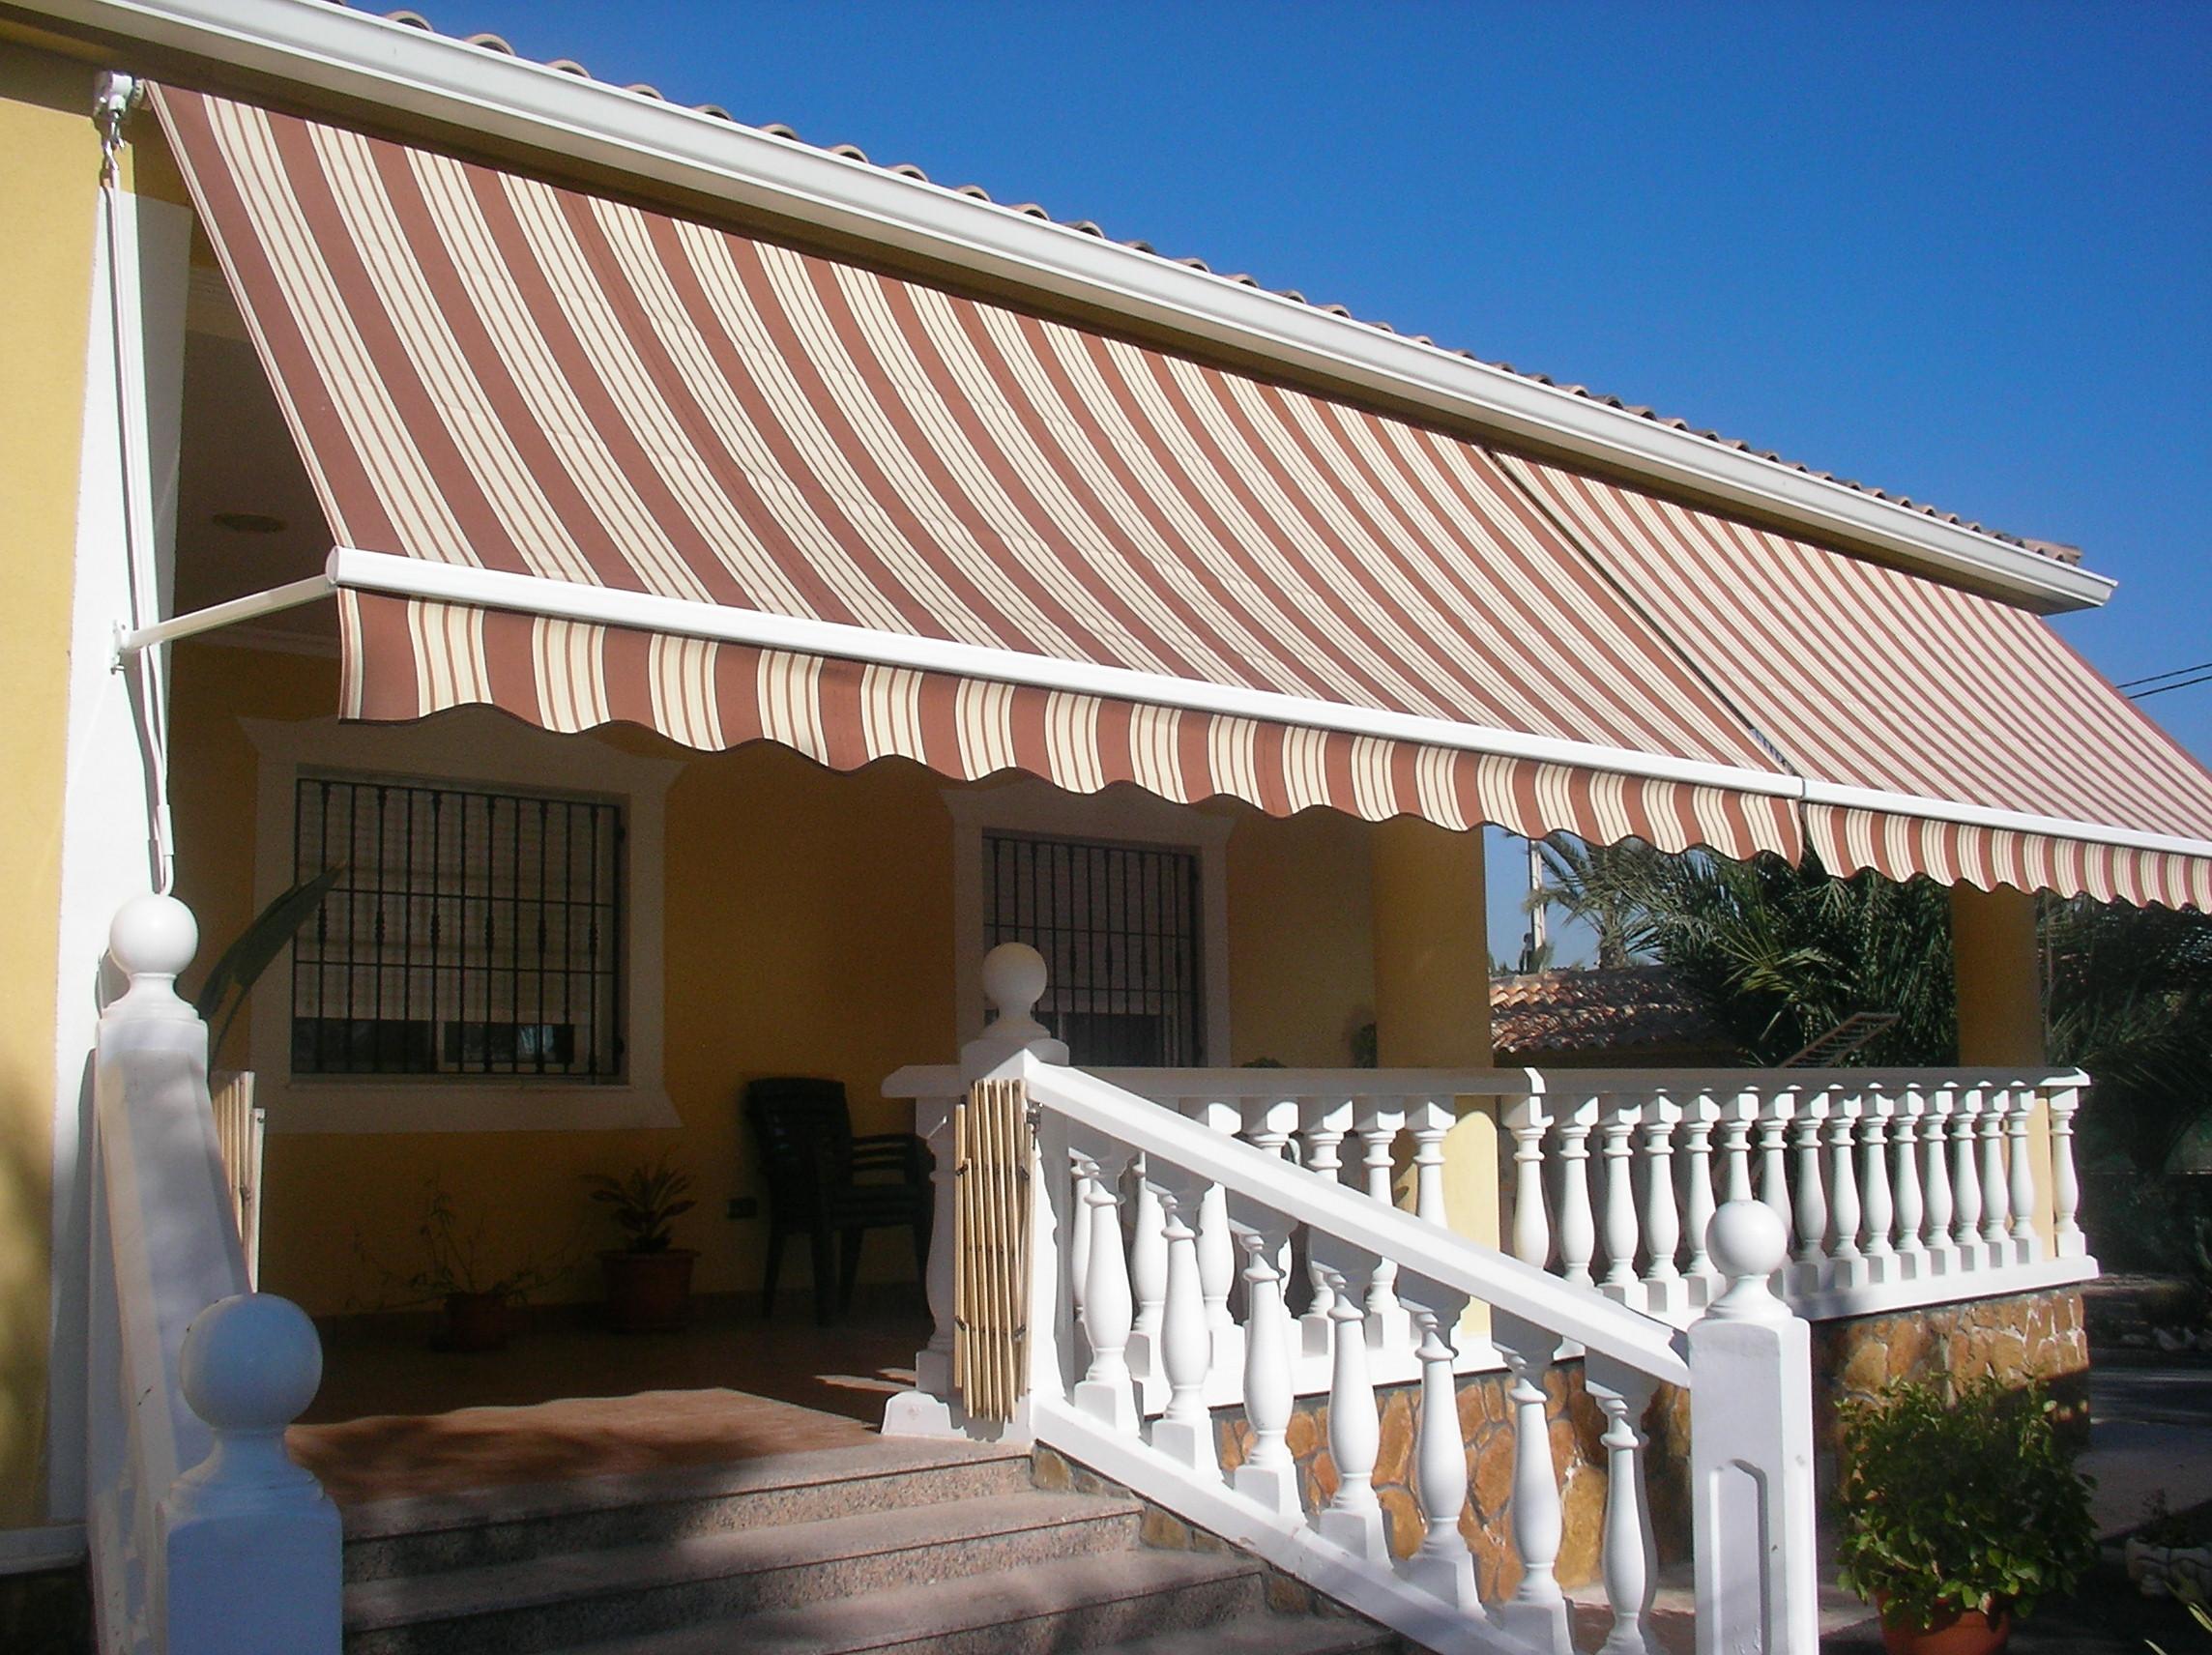 Bienvenidos a very nice solar for Brazos para toldos